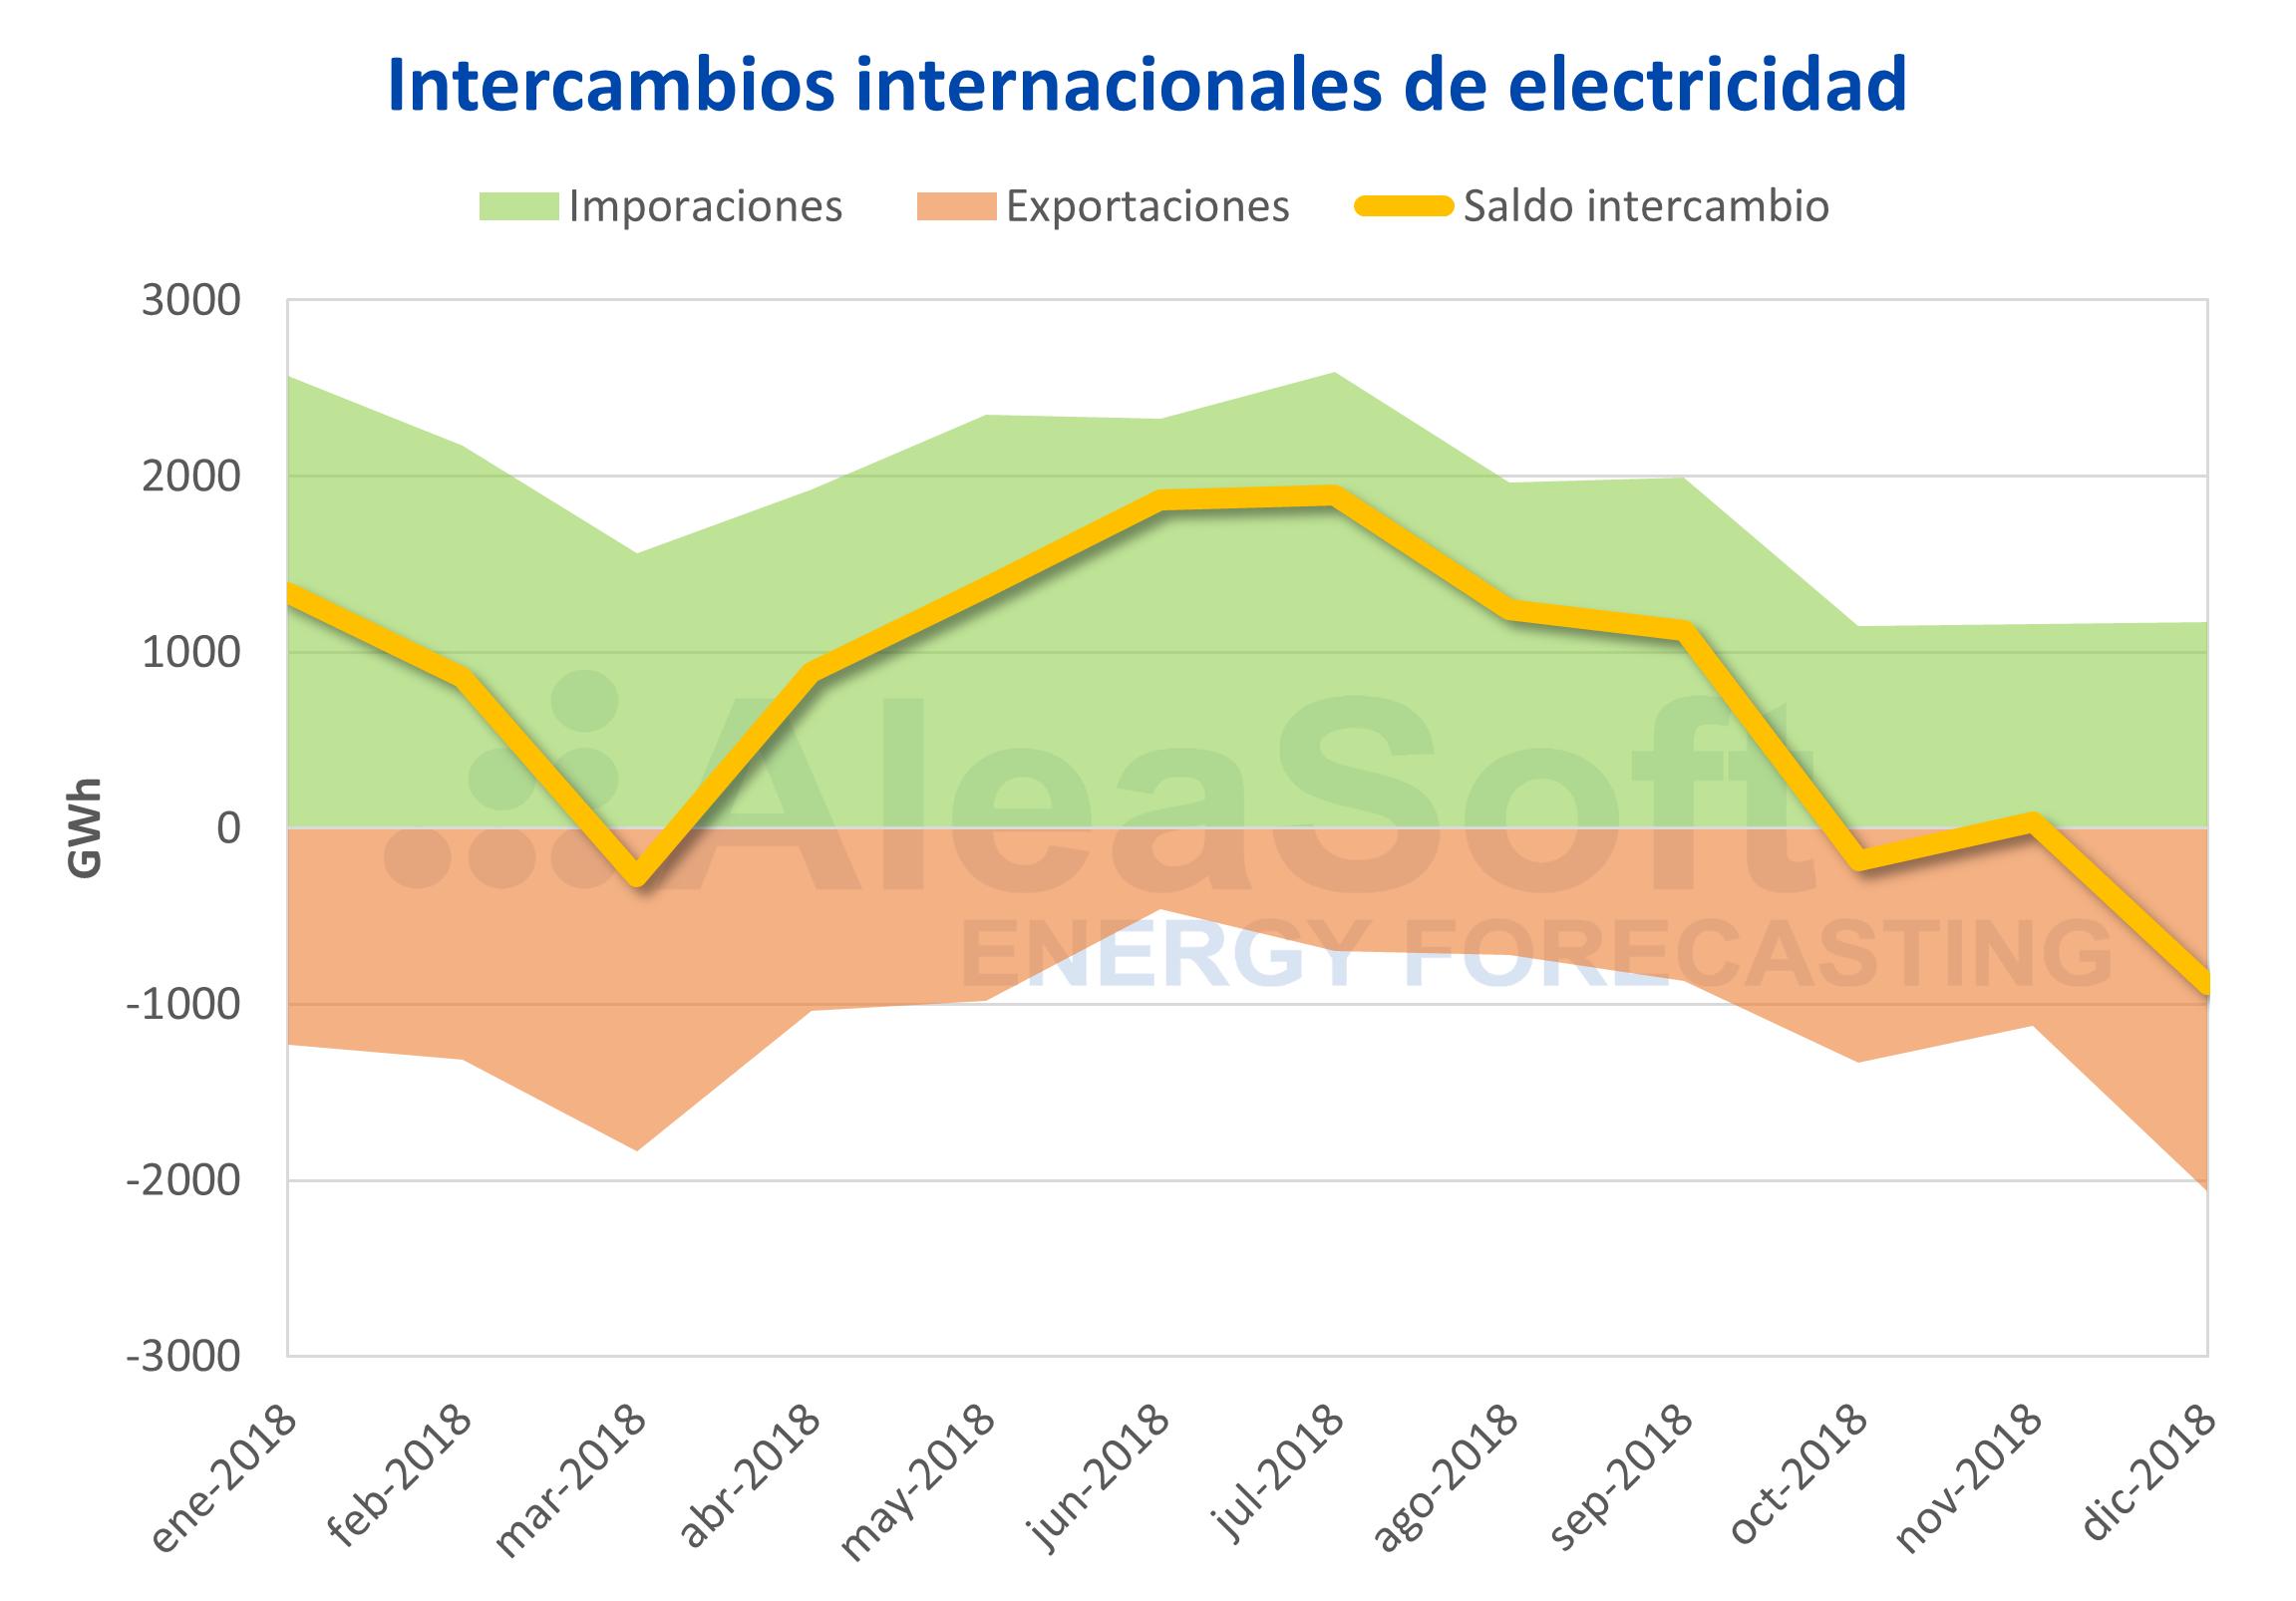 AleaSoft - Intercambios internacionales de electricidad España 2018